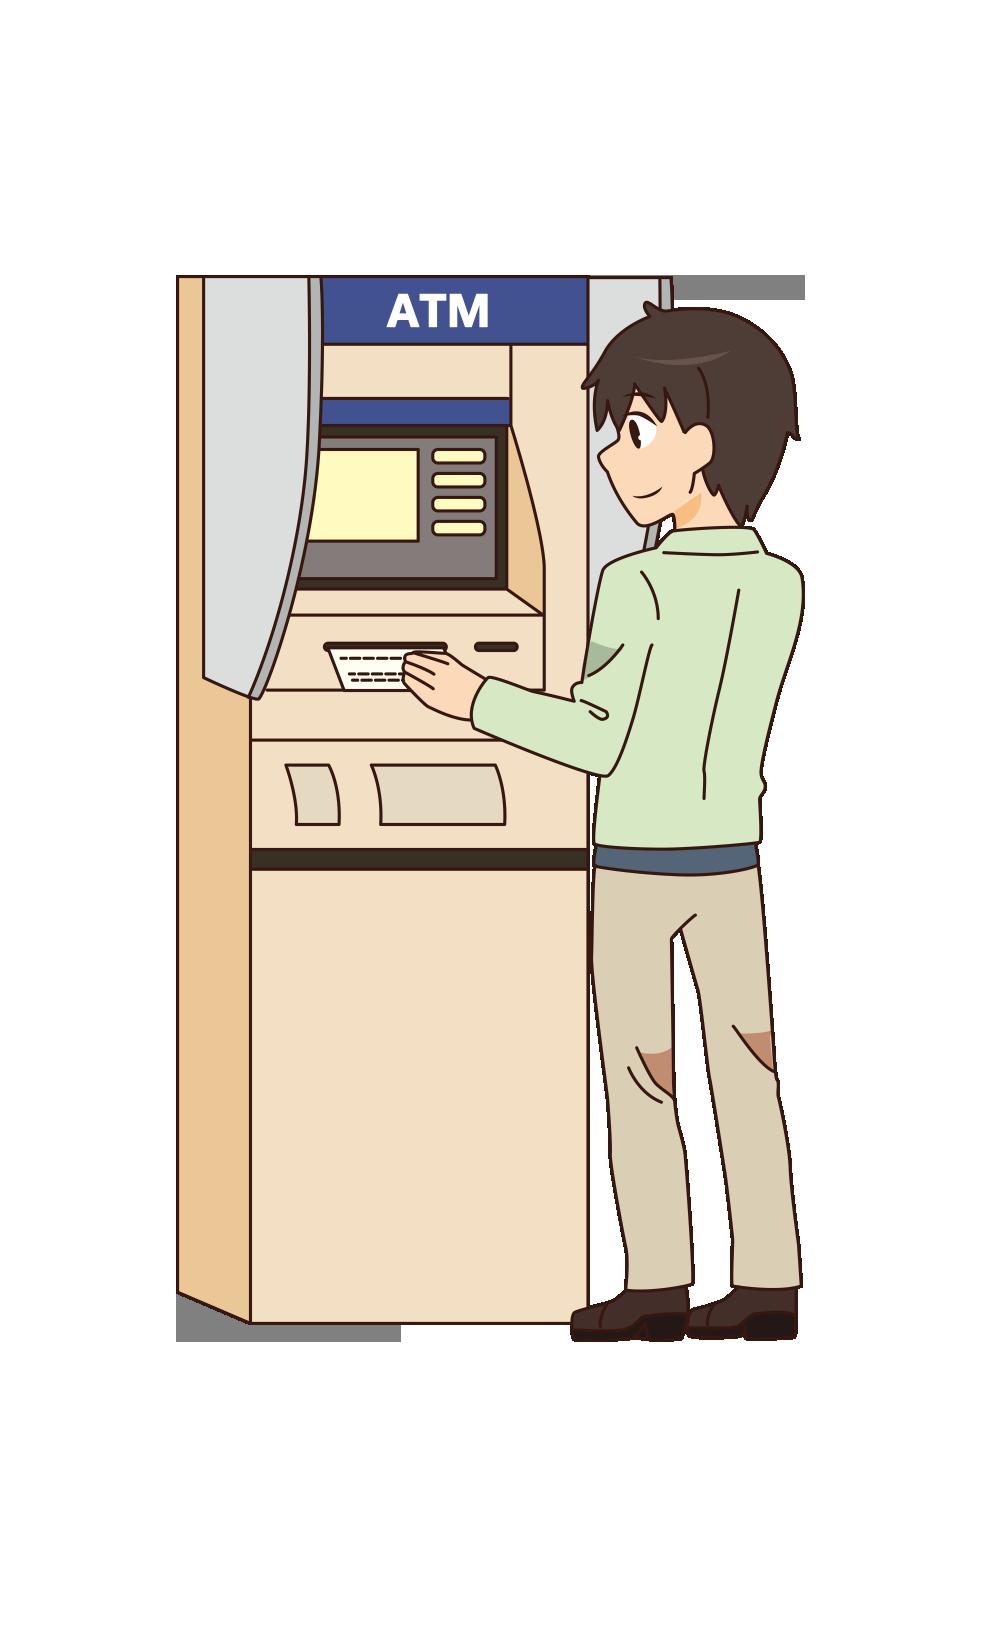 クレジットカードに後からキャッシング機能を付けられる?